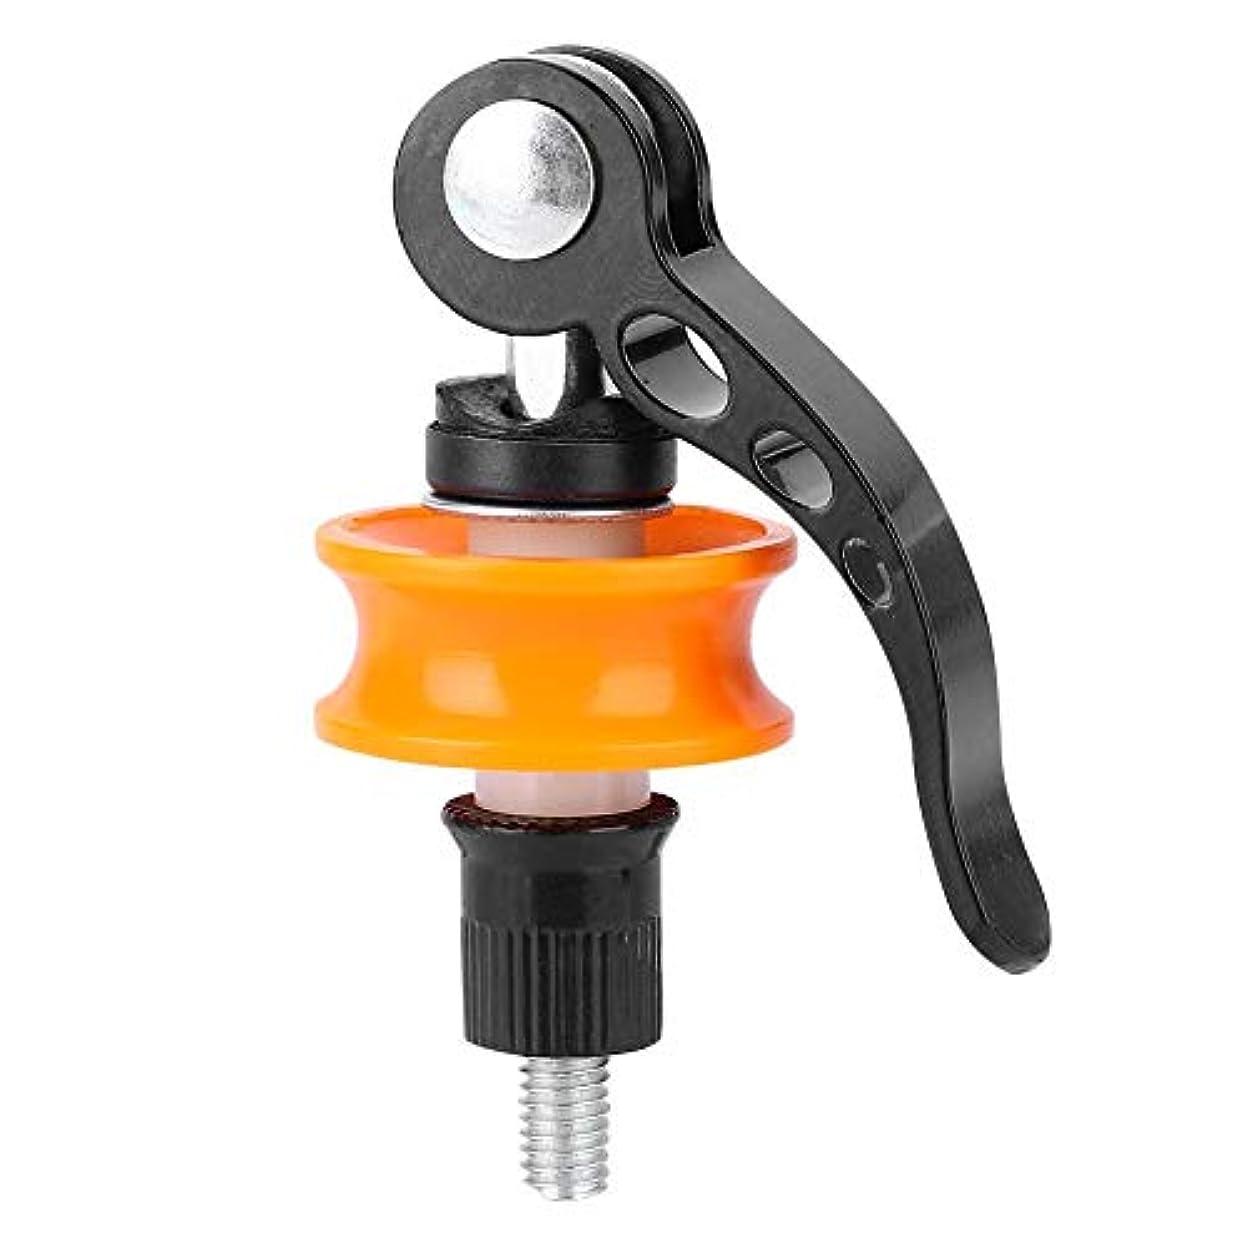 アレンジ創造偶然の自転車チェーンキーパーの修理ツールクイックリリースプロテクター自転車ホイールホルダー 自転車用アクセサリー